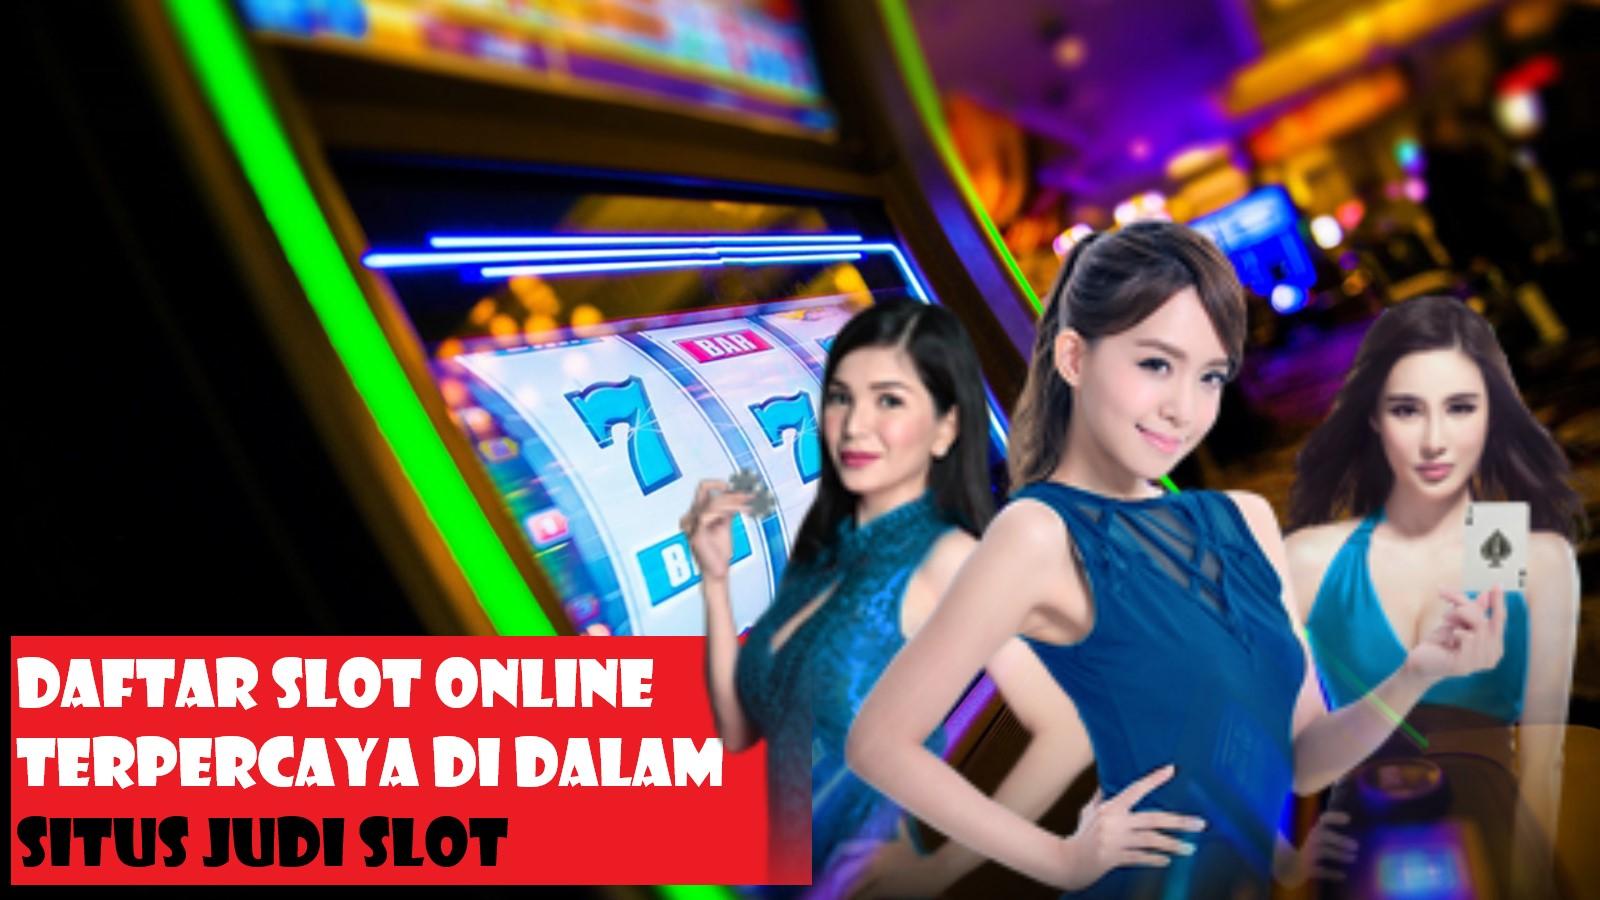 Daftar Slot Online Terpercaya Di Dalam Situs Judi Slot